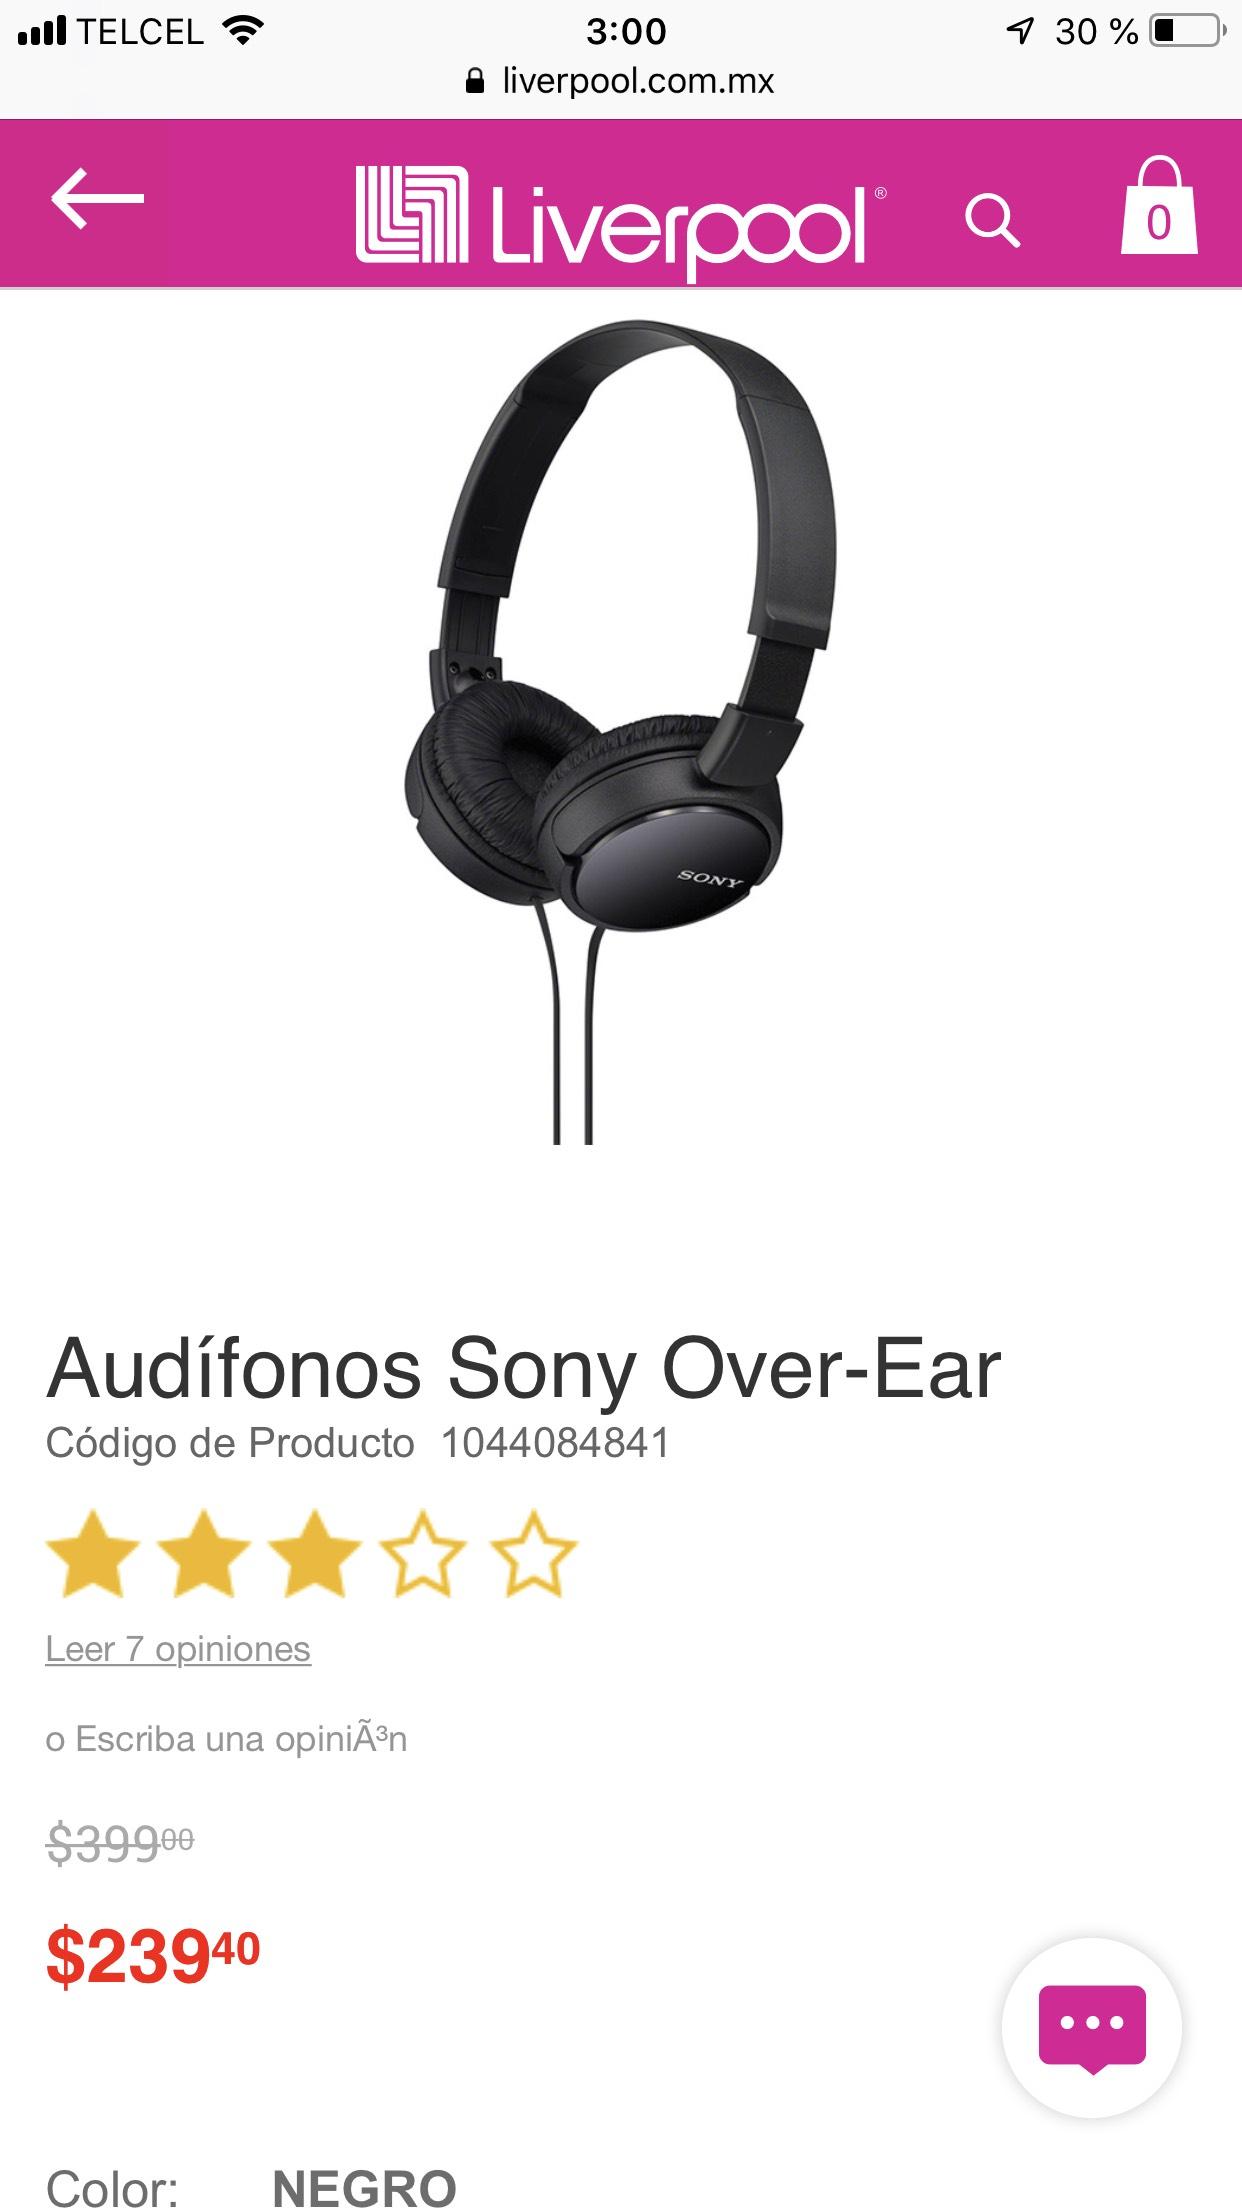 Liverpool: Audífonos Sony Over-Ear